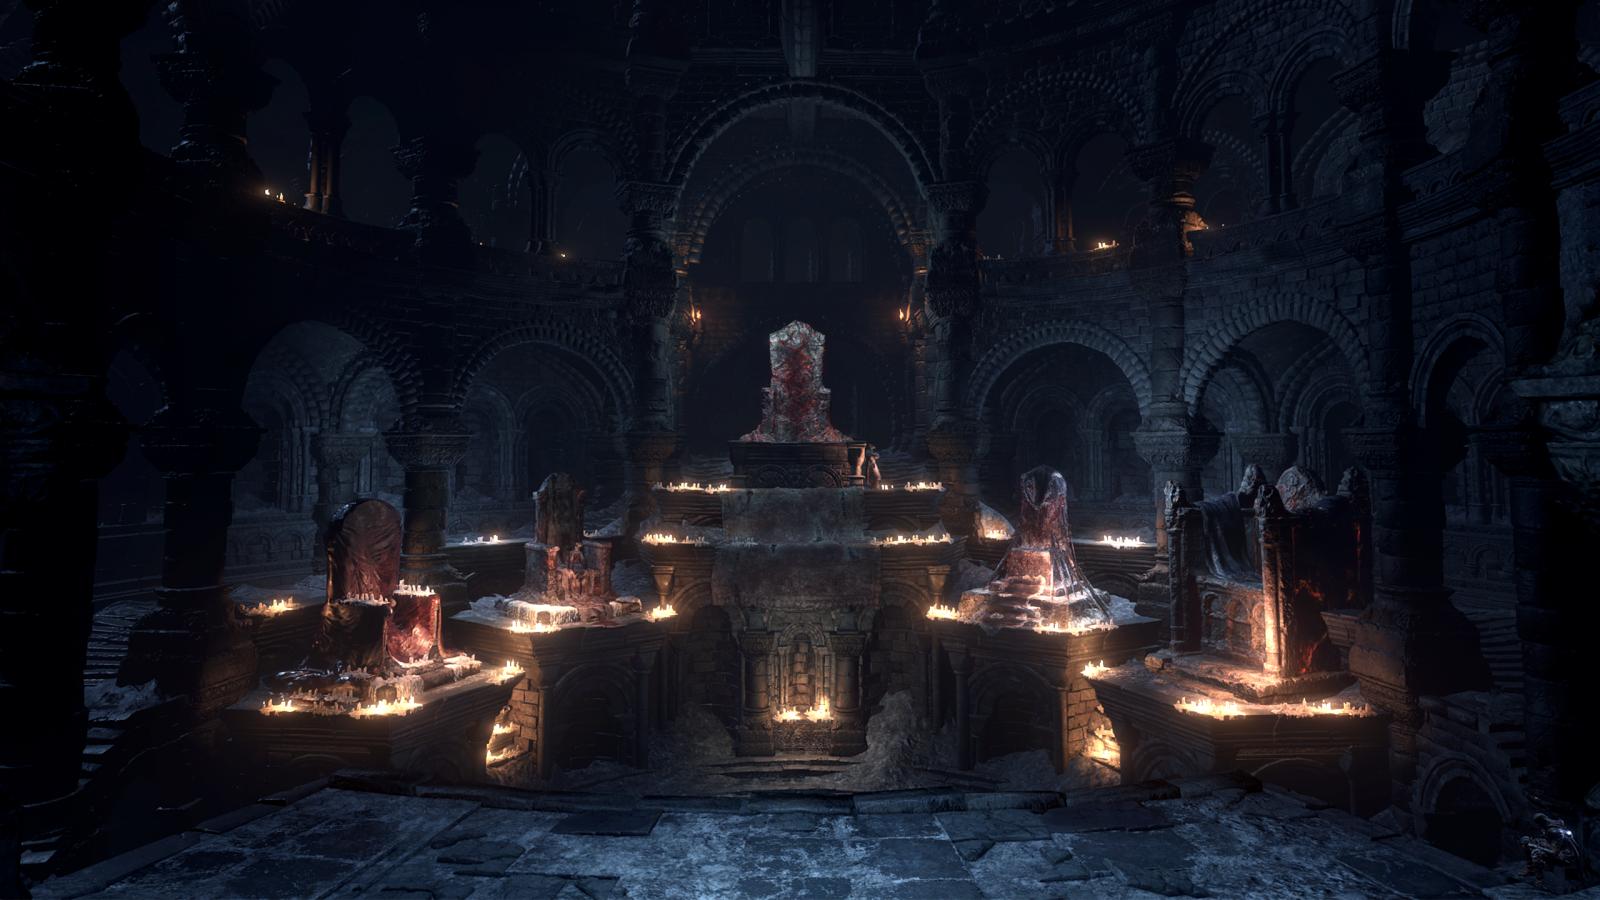 jeux vidéo nuit soir Dark Souls III cathédrale Sanctuaire Firelink lumière éclairage obscurité capture d'écran lieu de culte